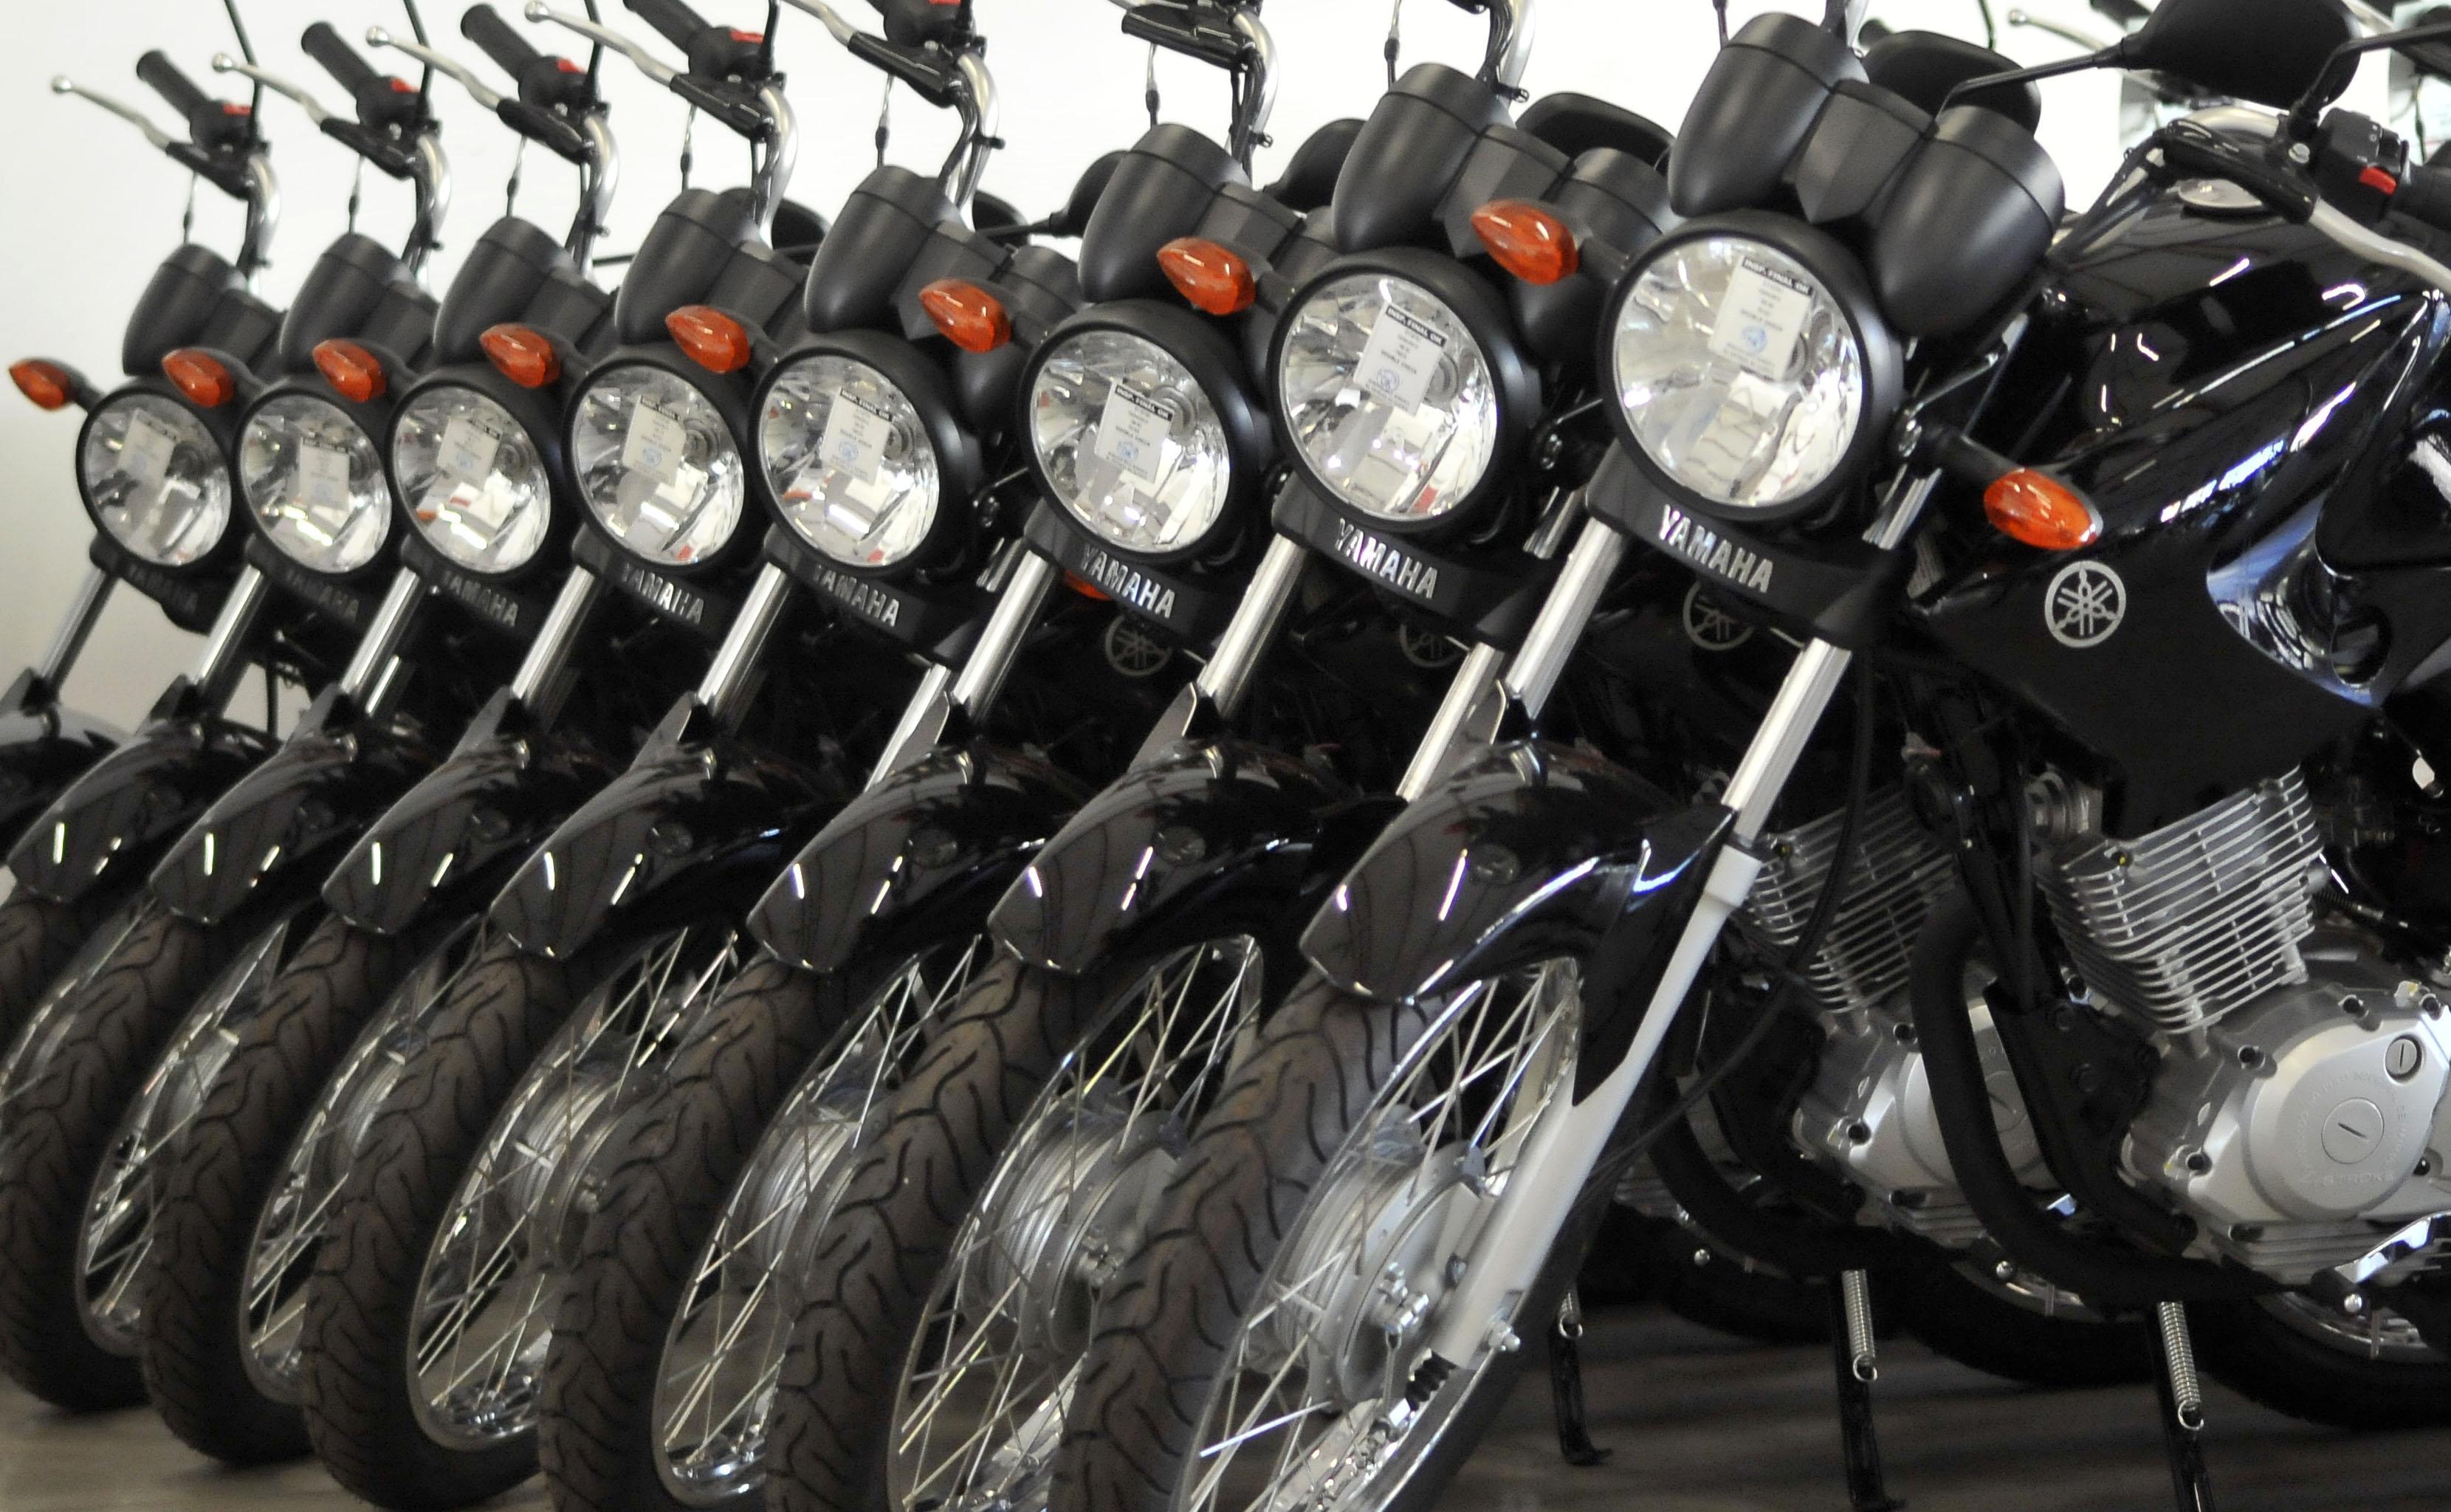 Revendedora de Motos. Foto-Gerson Oliveira 13-07-2012